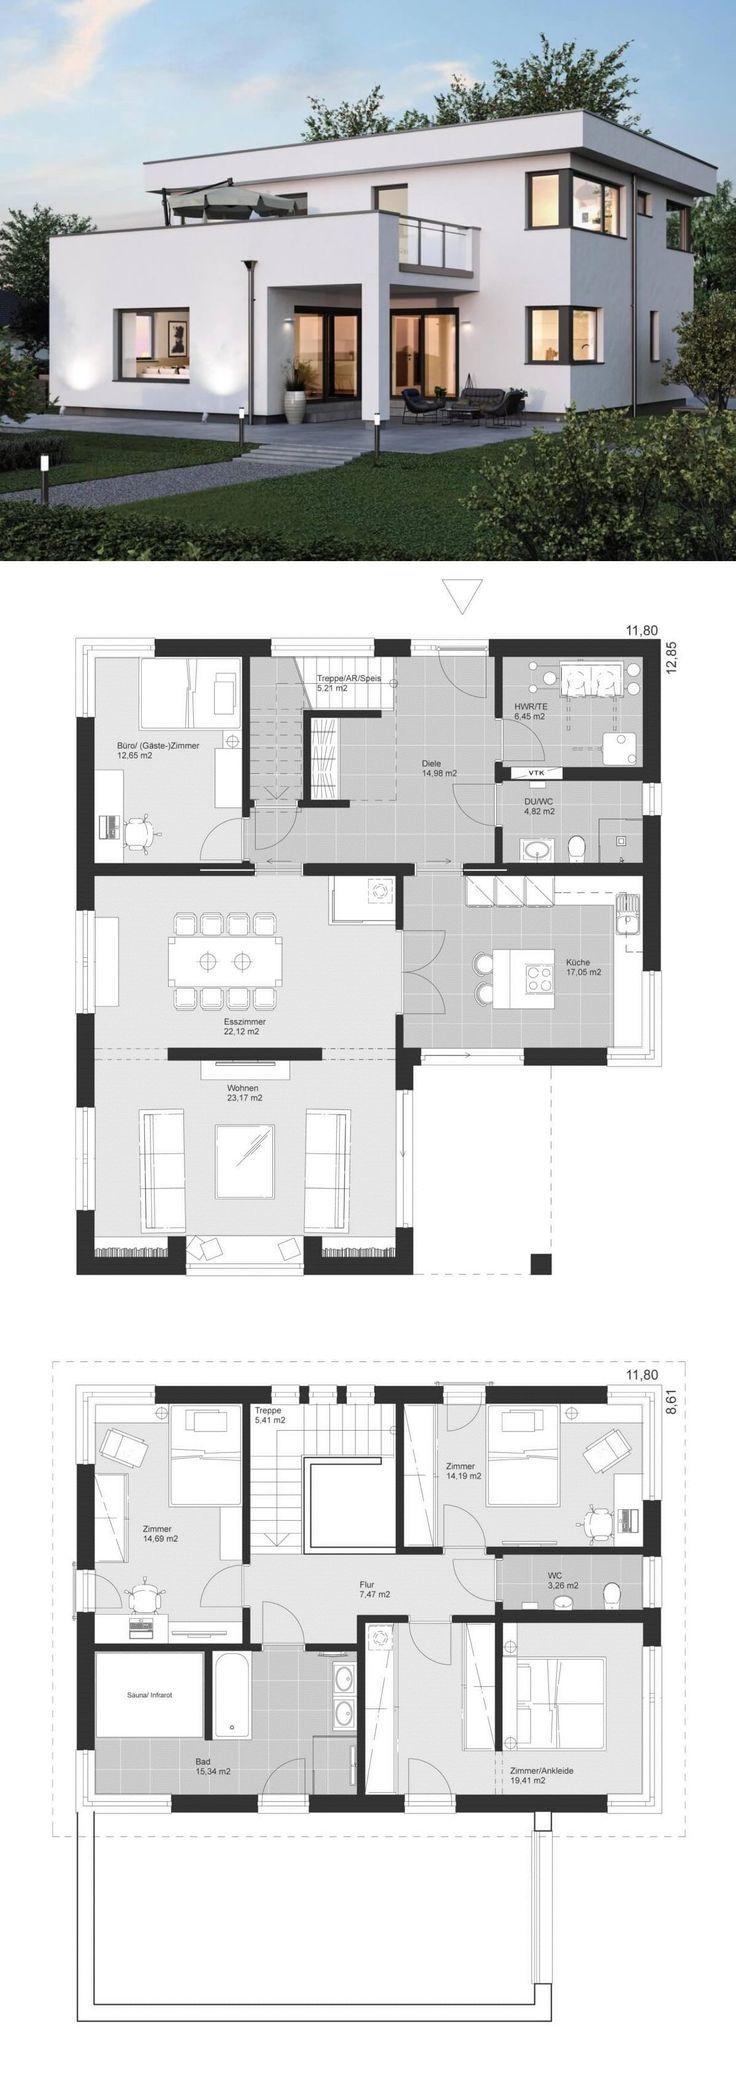 Modernes, minimalistisches Design im Luxus-Stil Haus ELK Haus 186 – Dr …